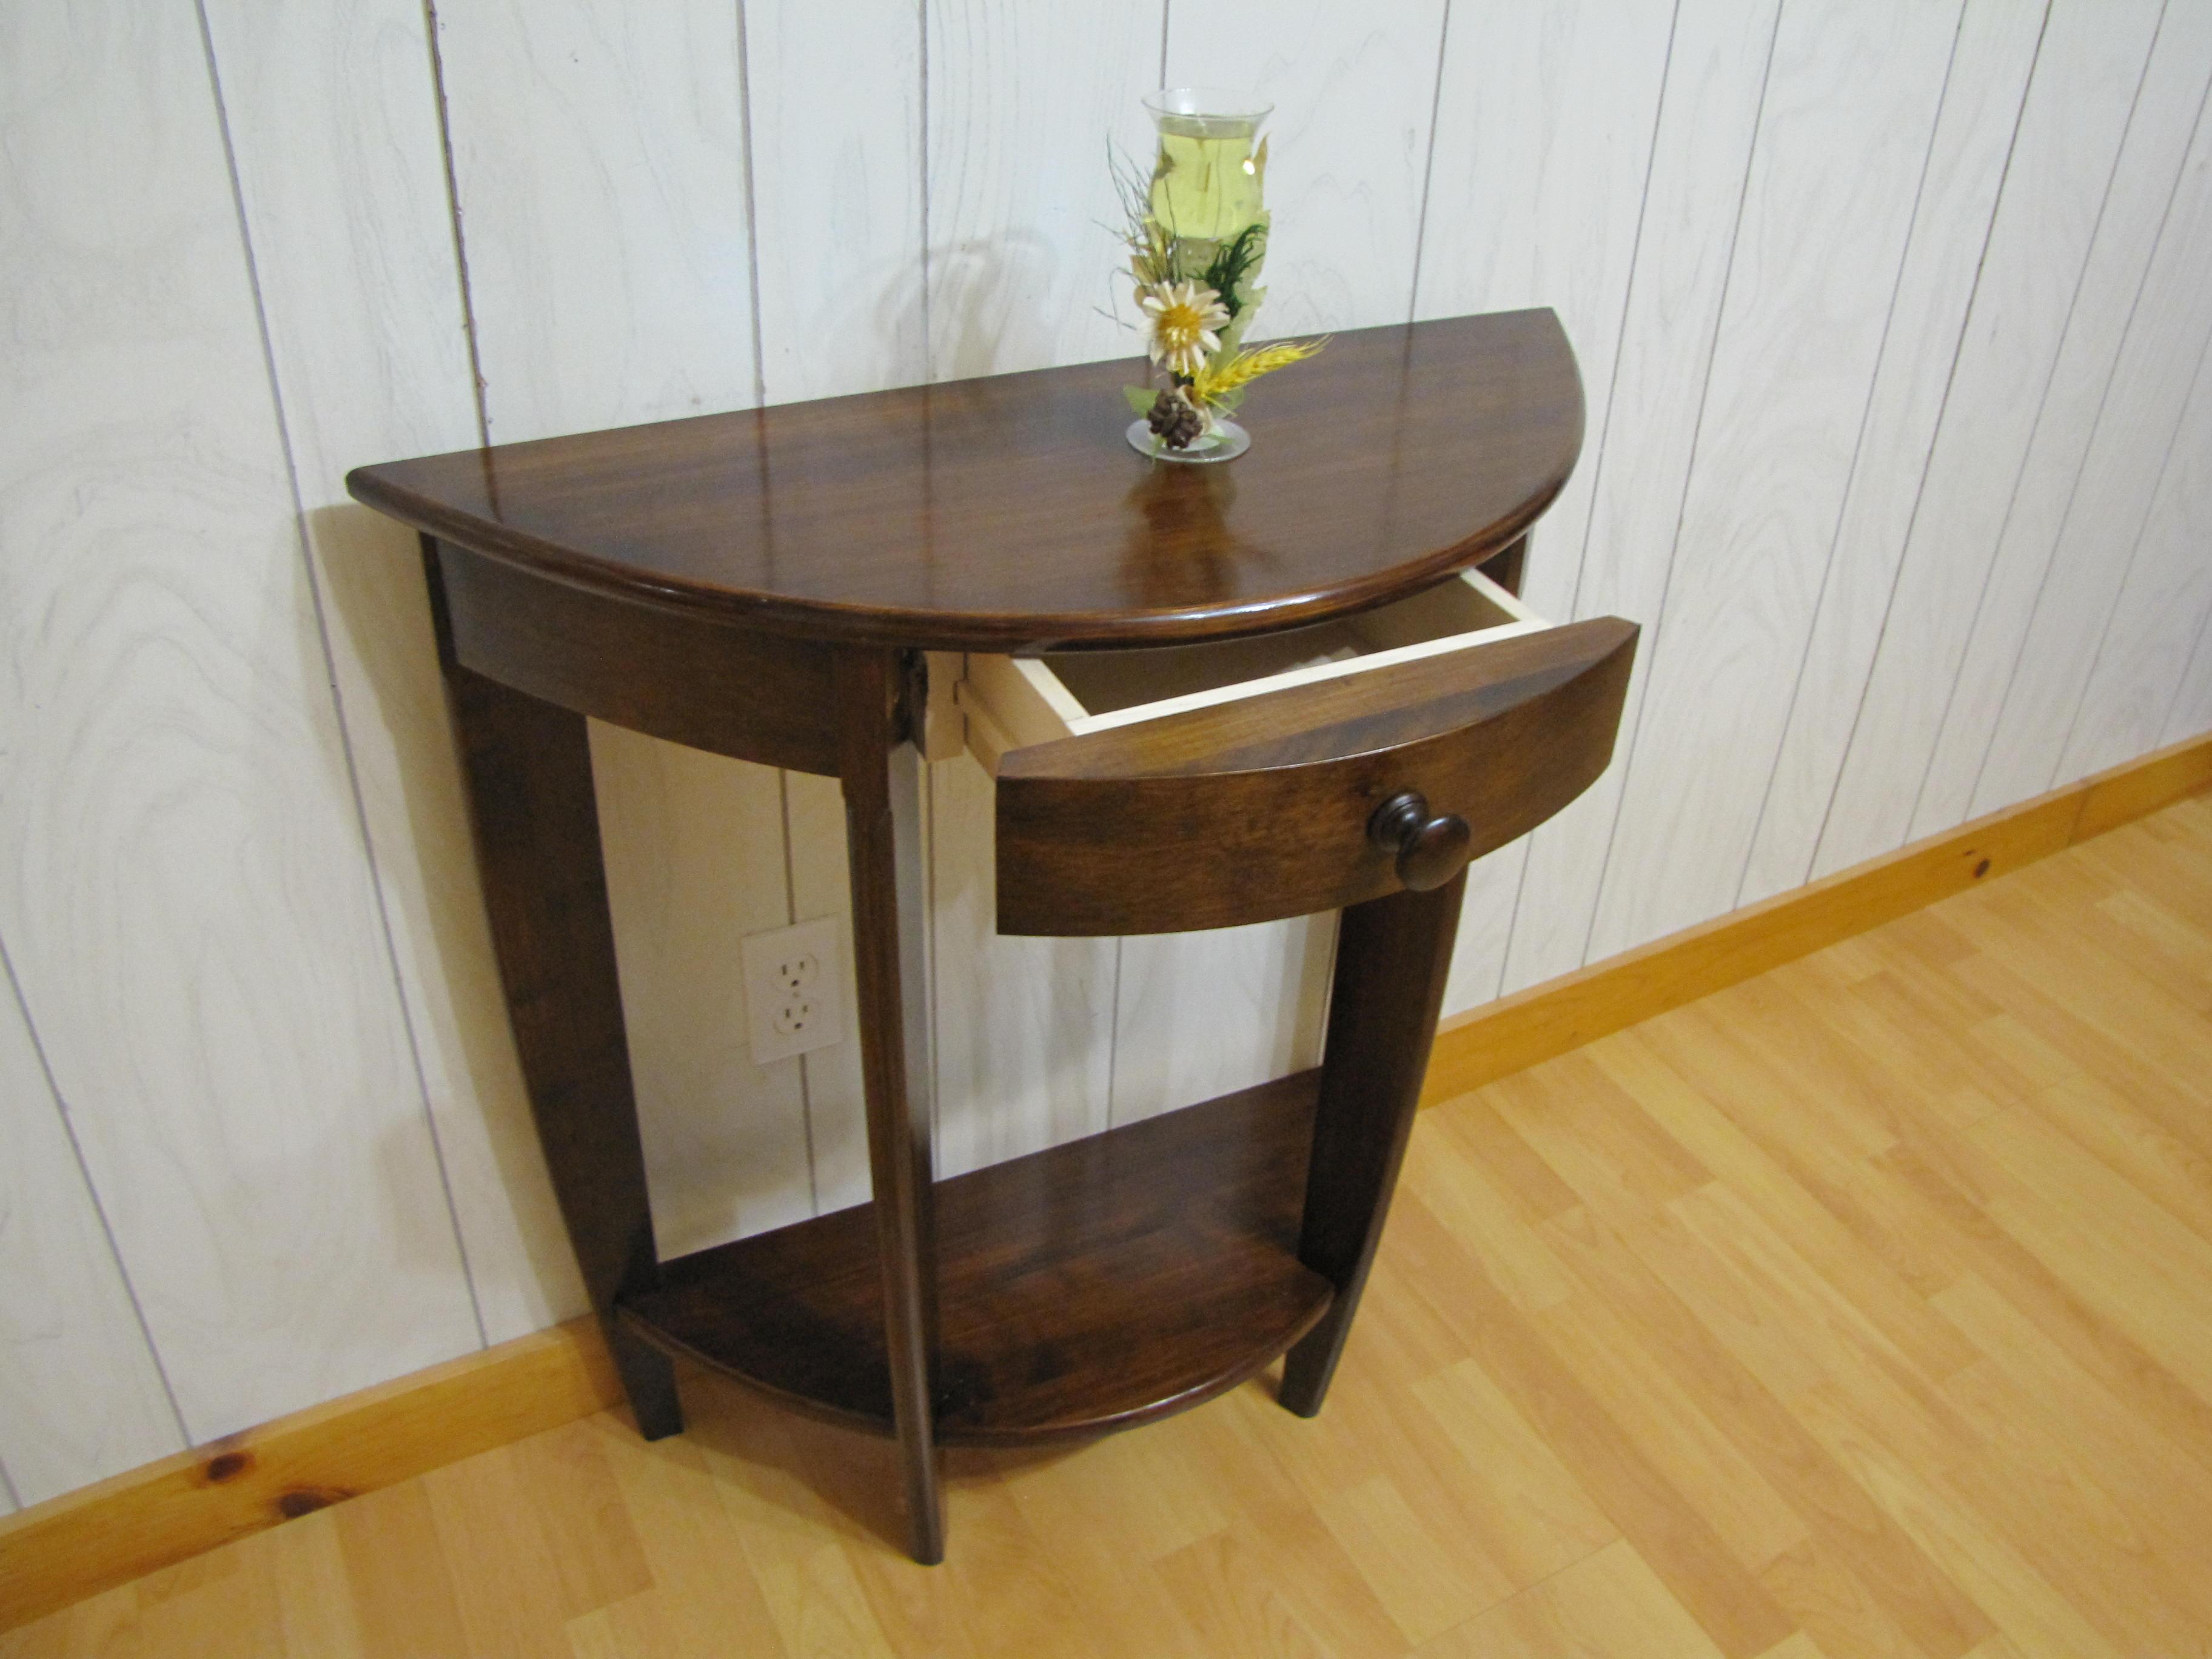 Petite table en rond